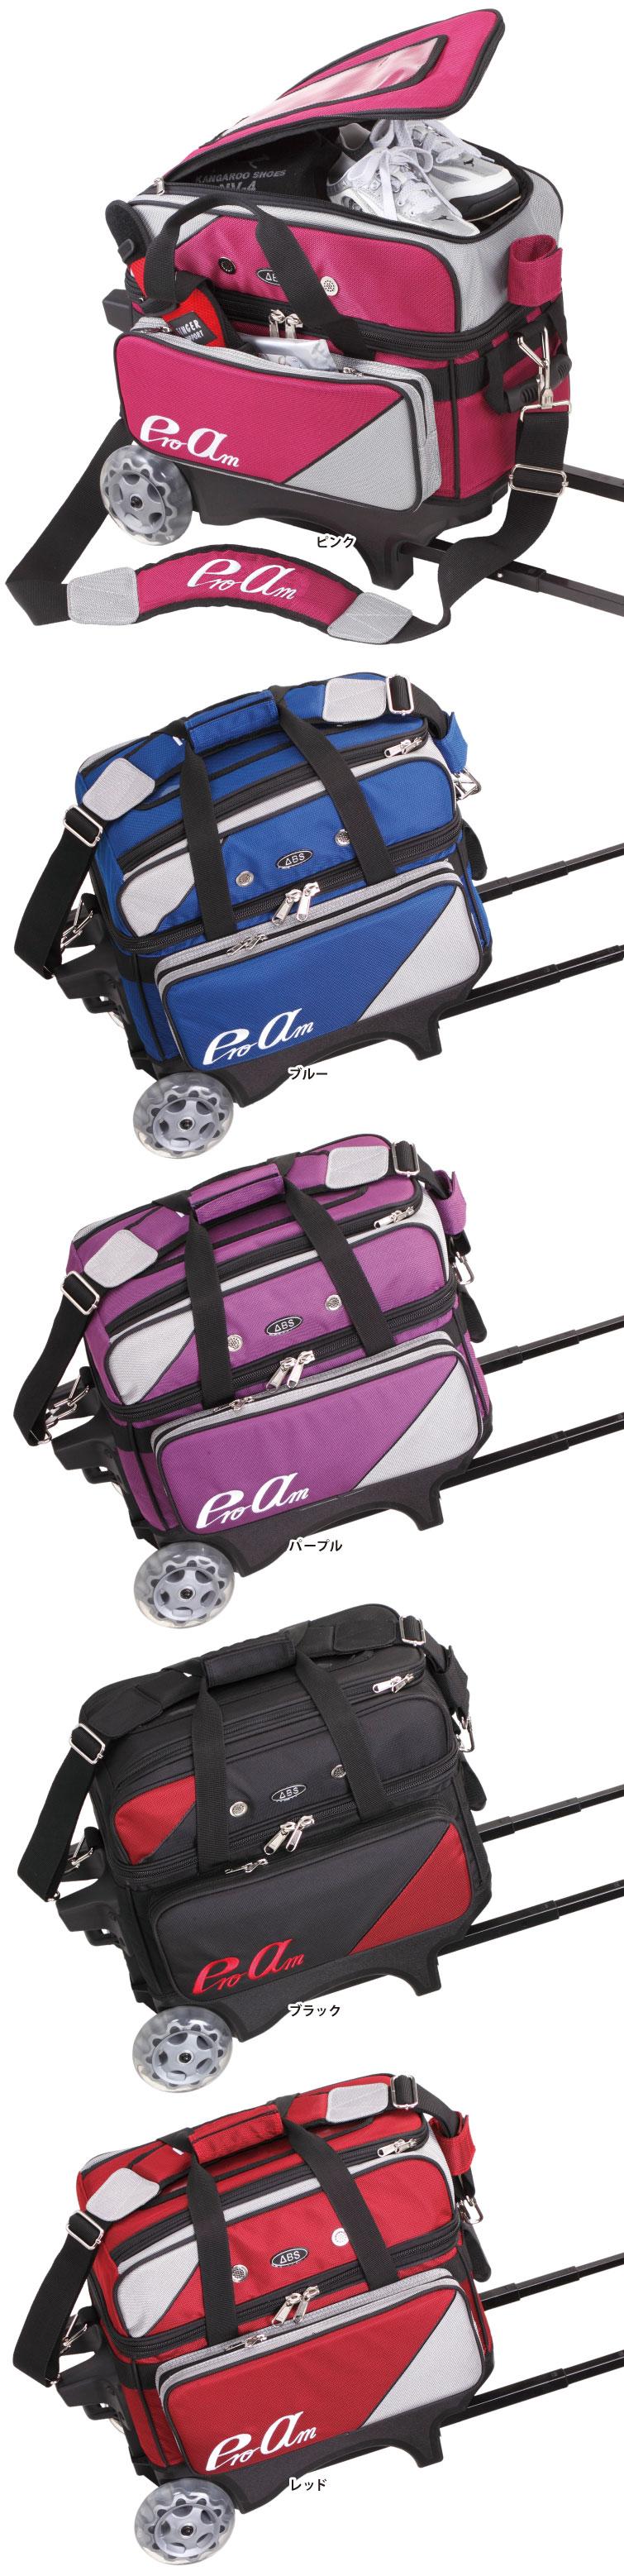 ボウリングバッグ ABS B18-1400 ボール2個用ショートカートバッグ